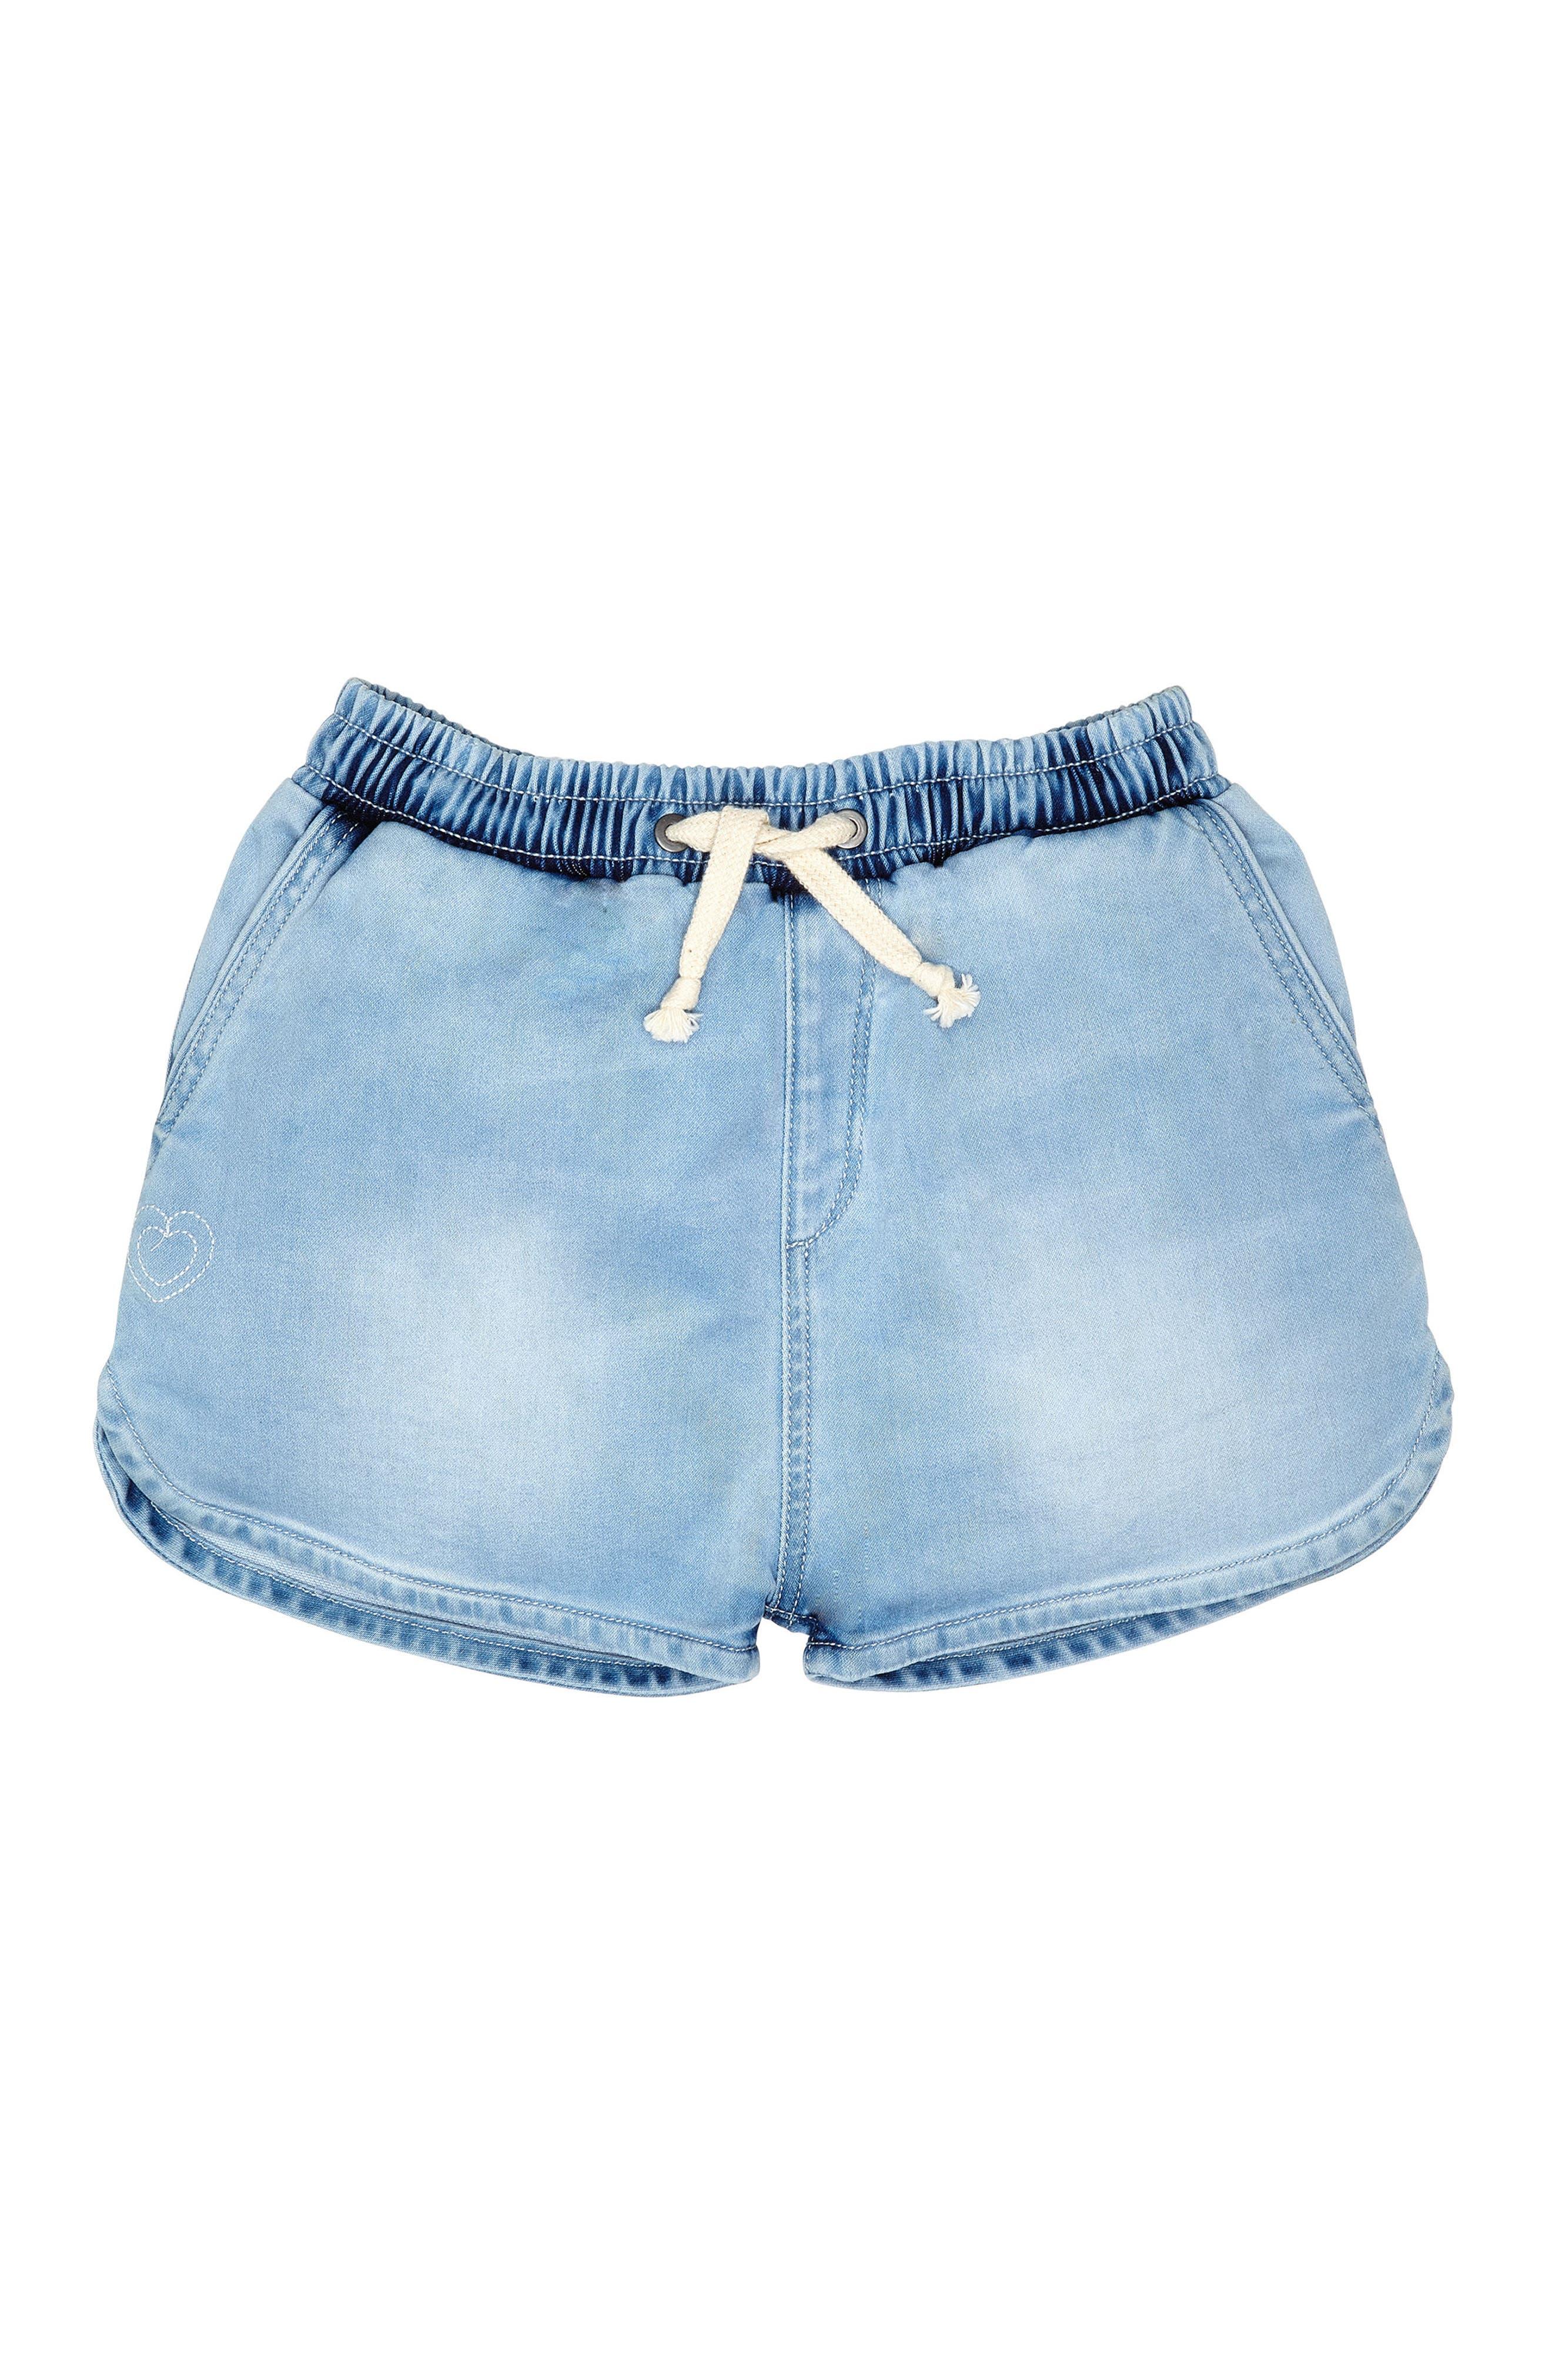 DL1961 Denim Sport Shorts (Toddler Girls & Little Girls)